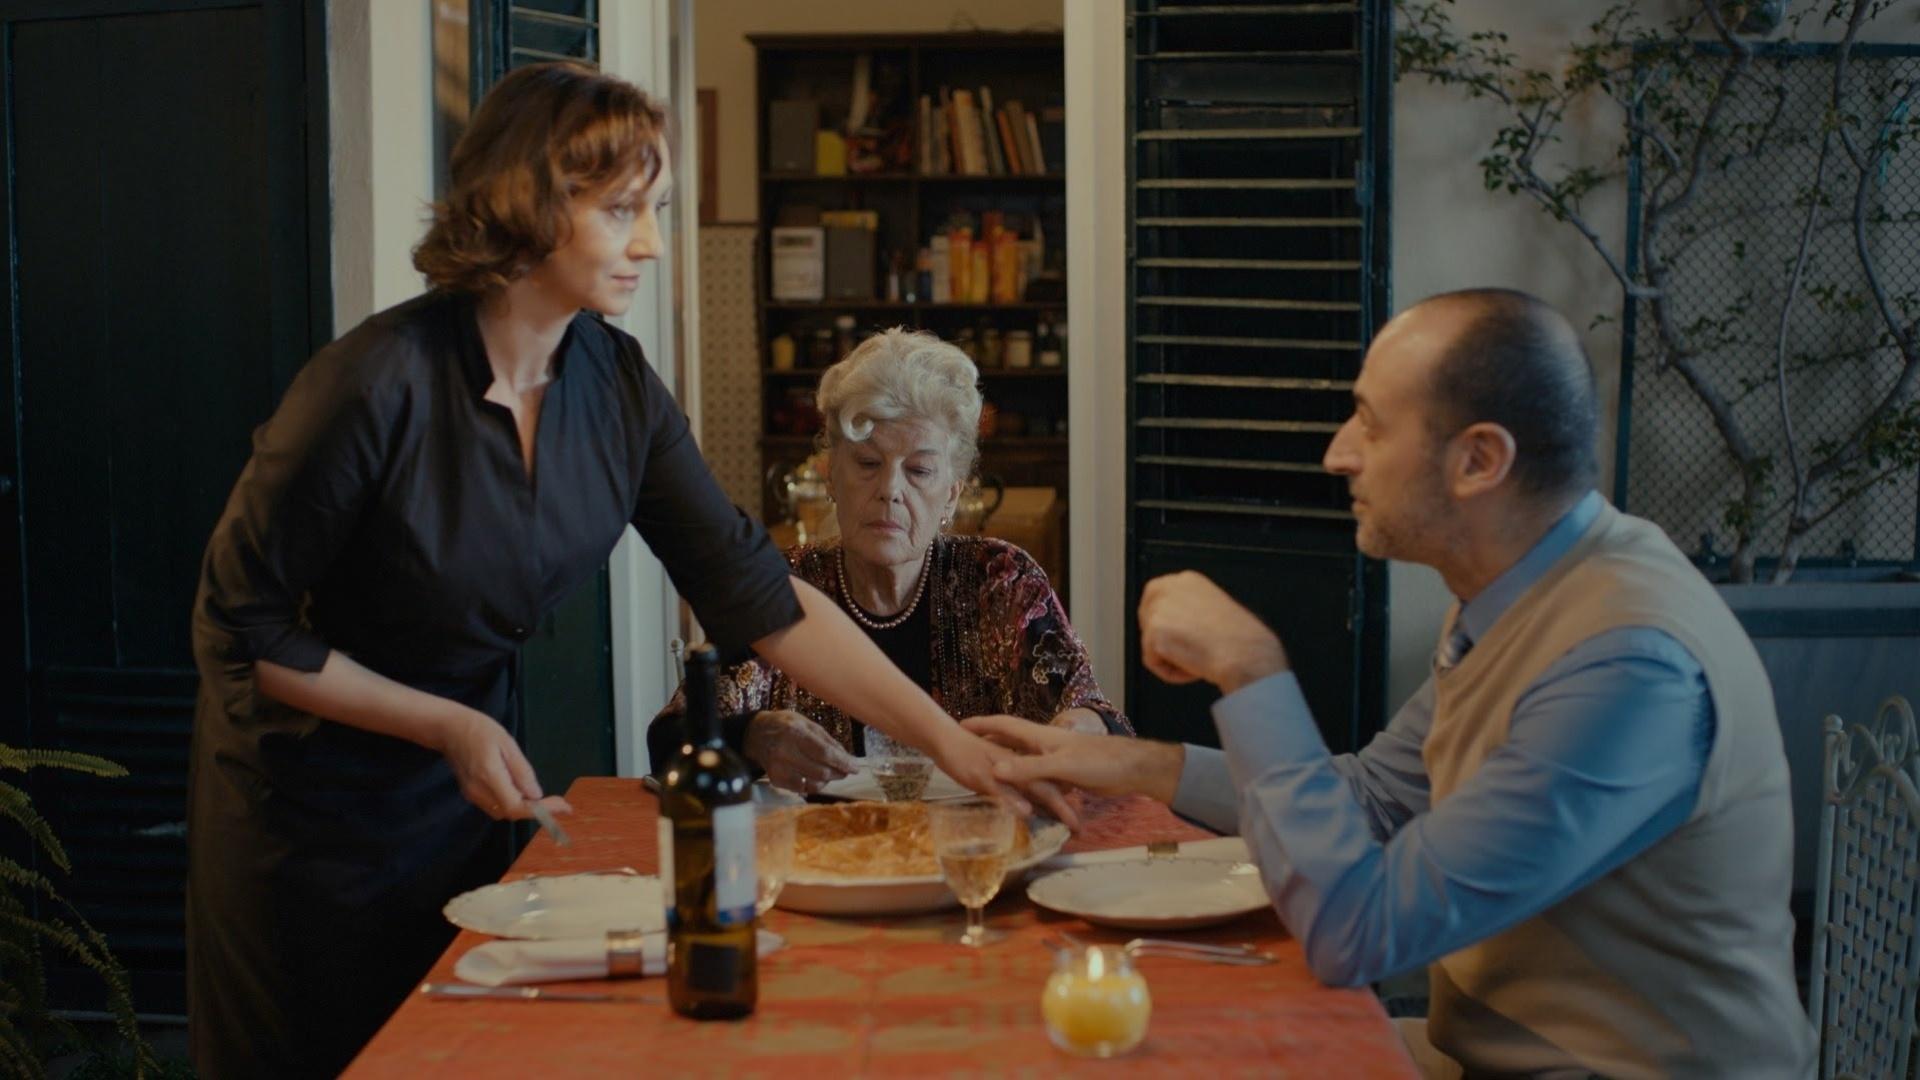 Римма Зюбіна та італійські актори Мауро Чіпріані та Ліна Бернарді. Кадр зі стрічки «Гніздо горлиці»